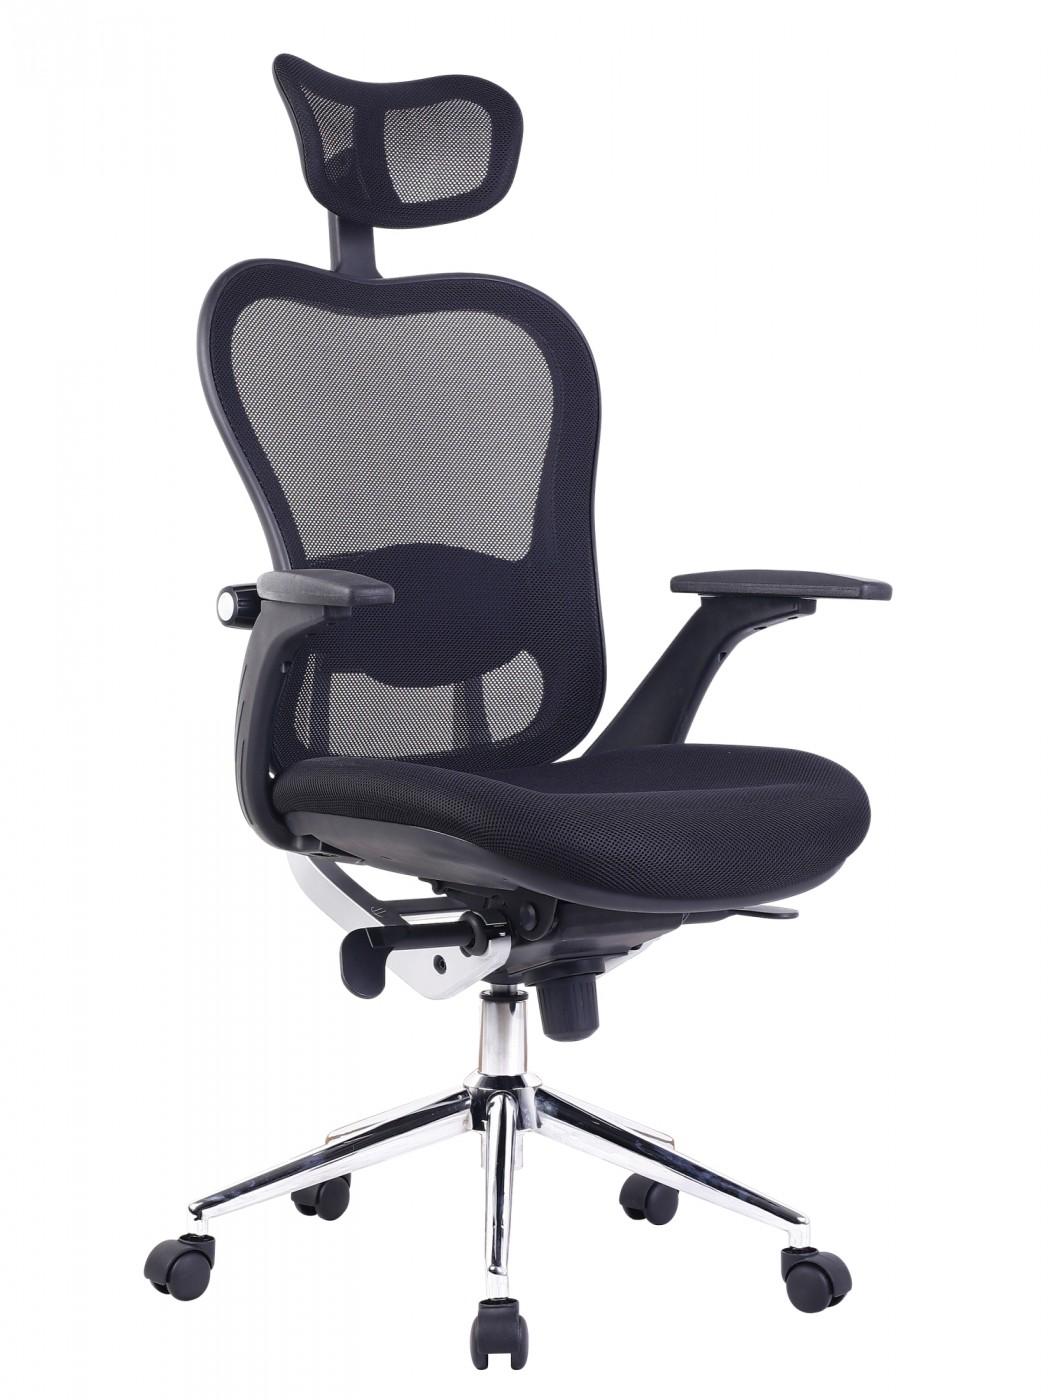 Orbit Executive Armchair BCM K106 BK